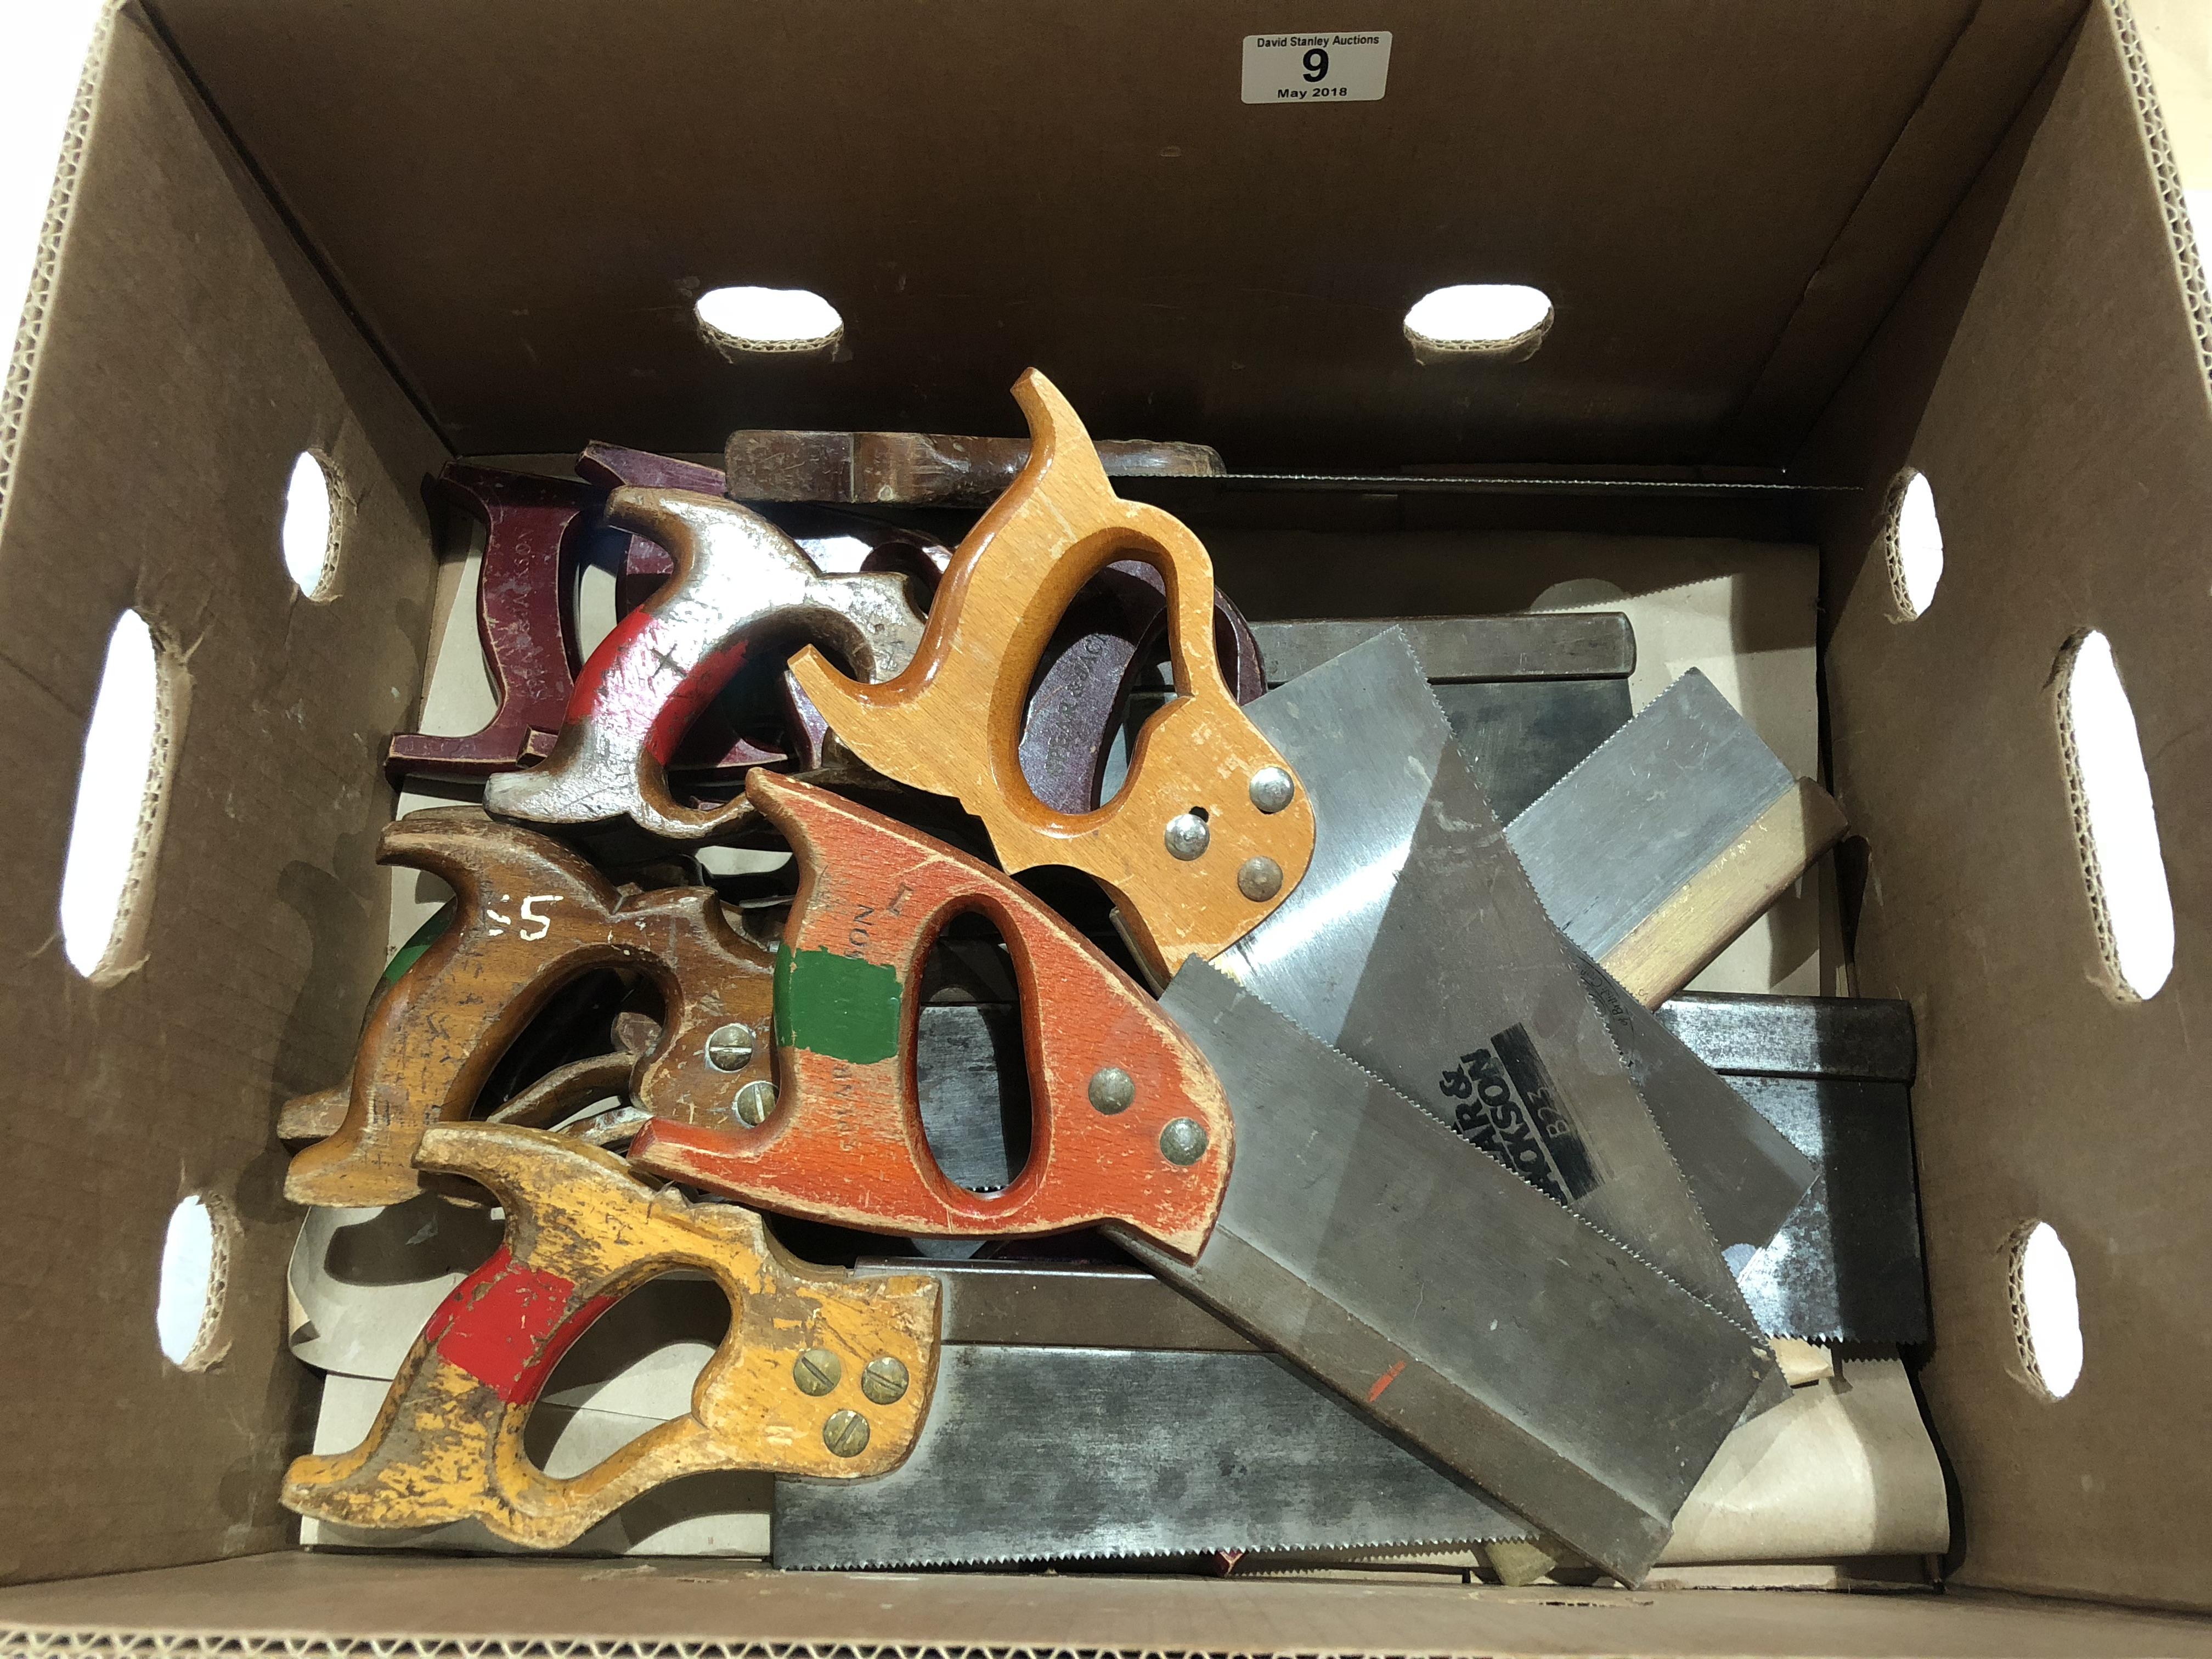 Lot 9 - 13 tenon saws